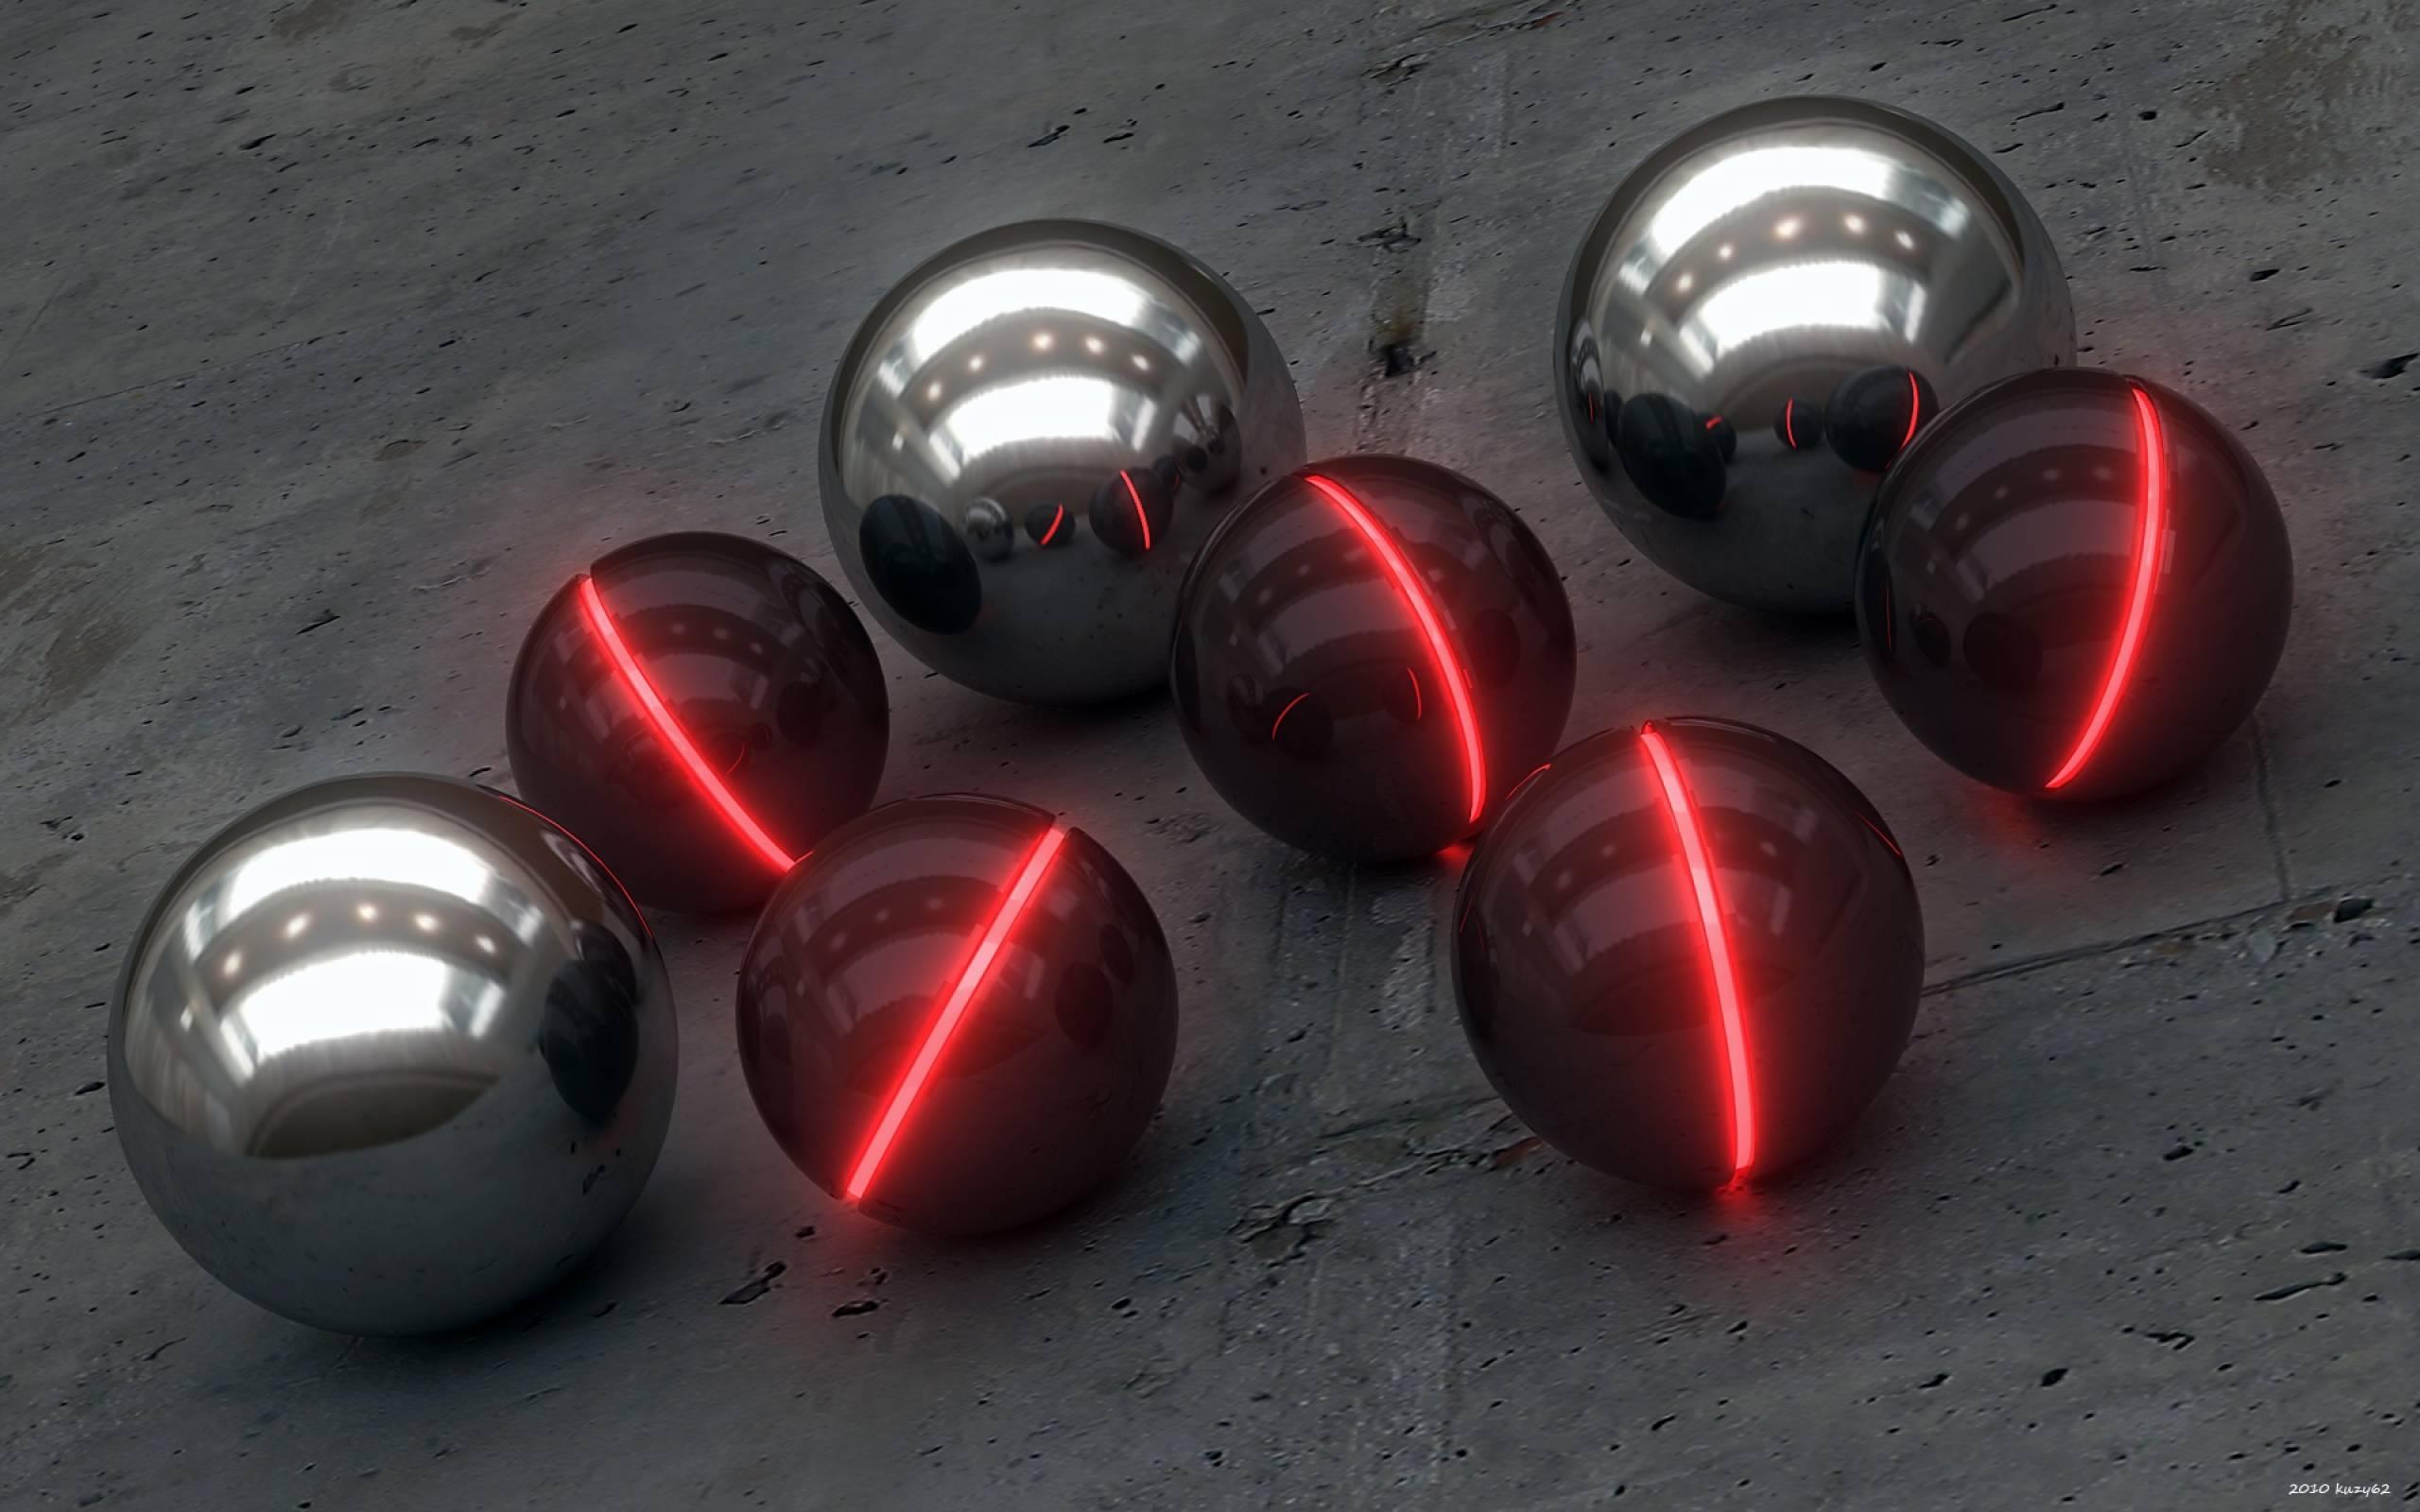 квадратные шары  № 2075043 без смс